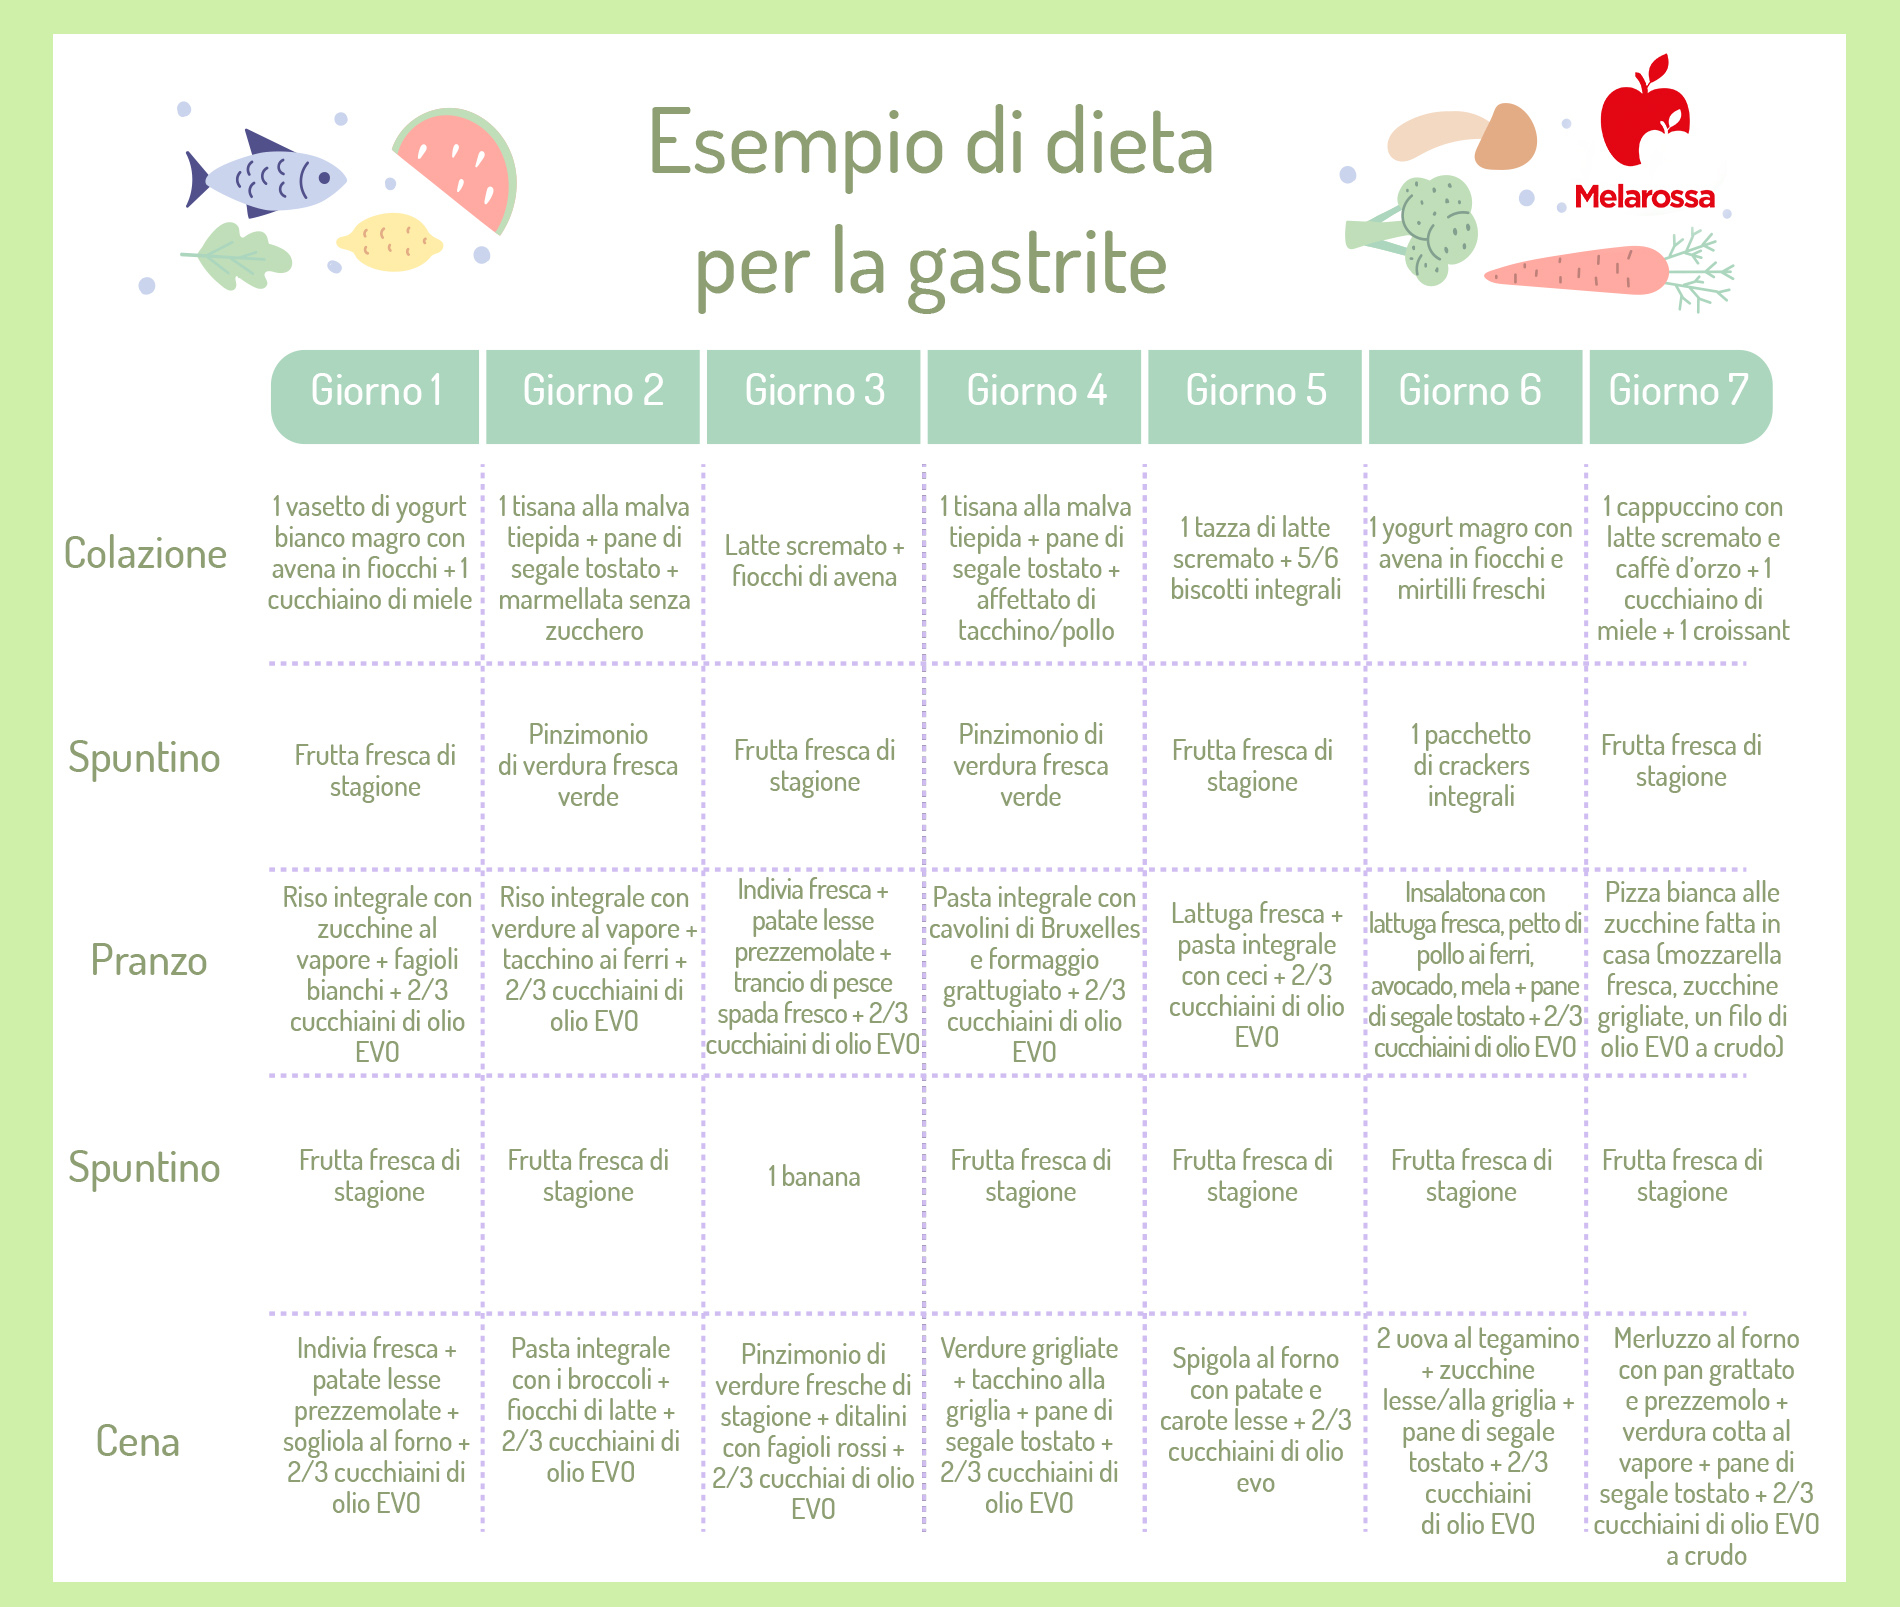 dieta per la gastrite: esempio di menù settimanale